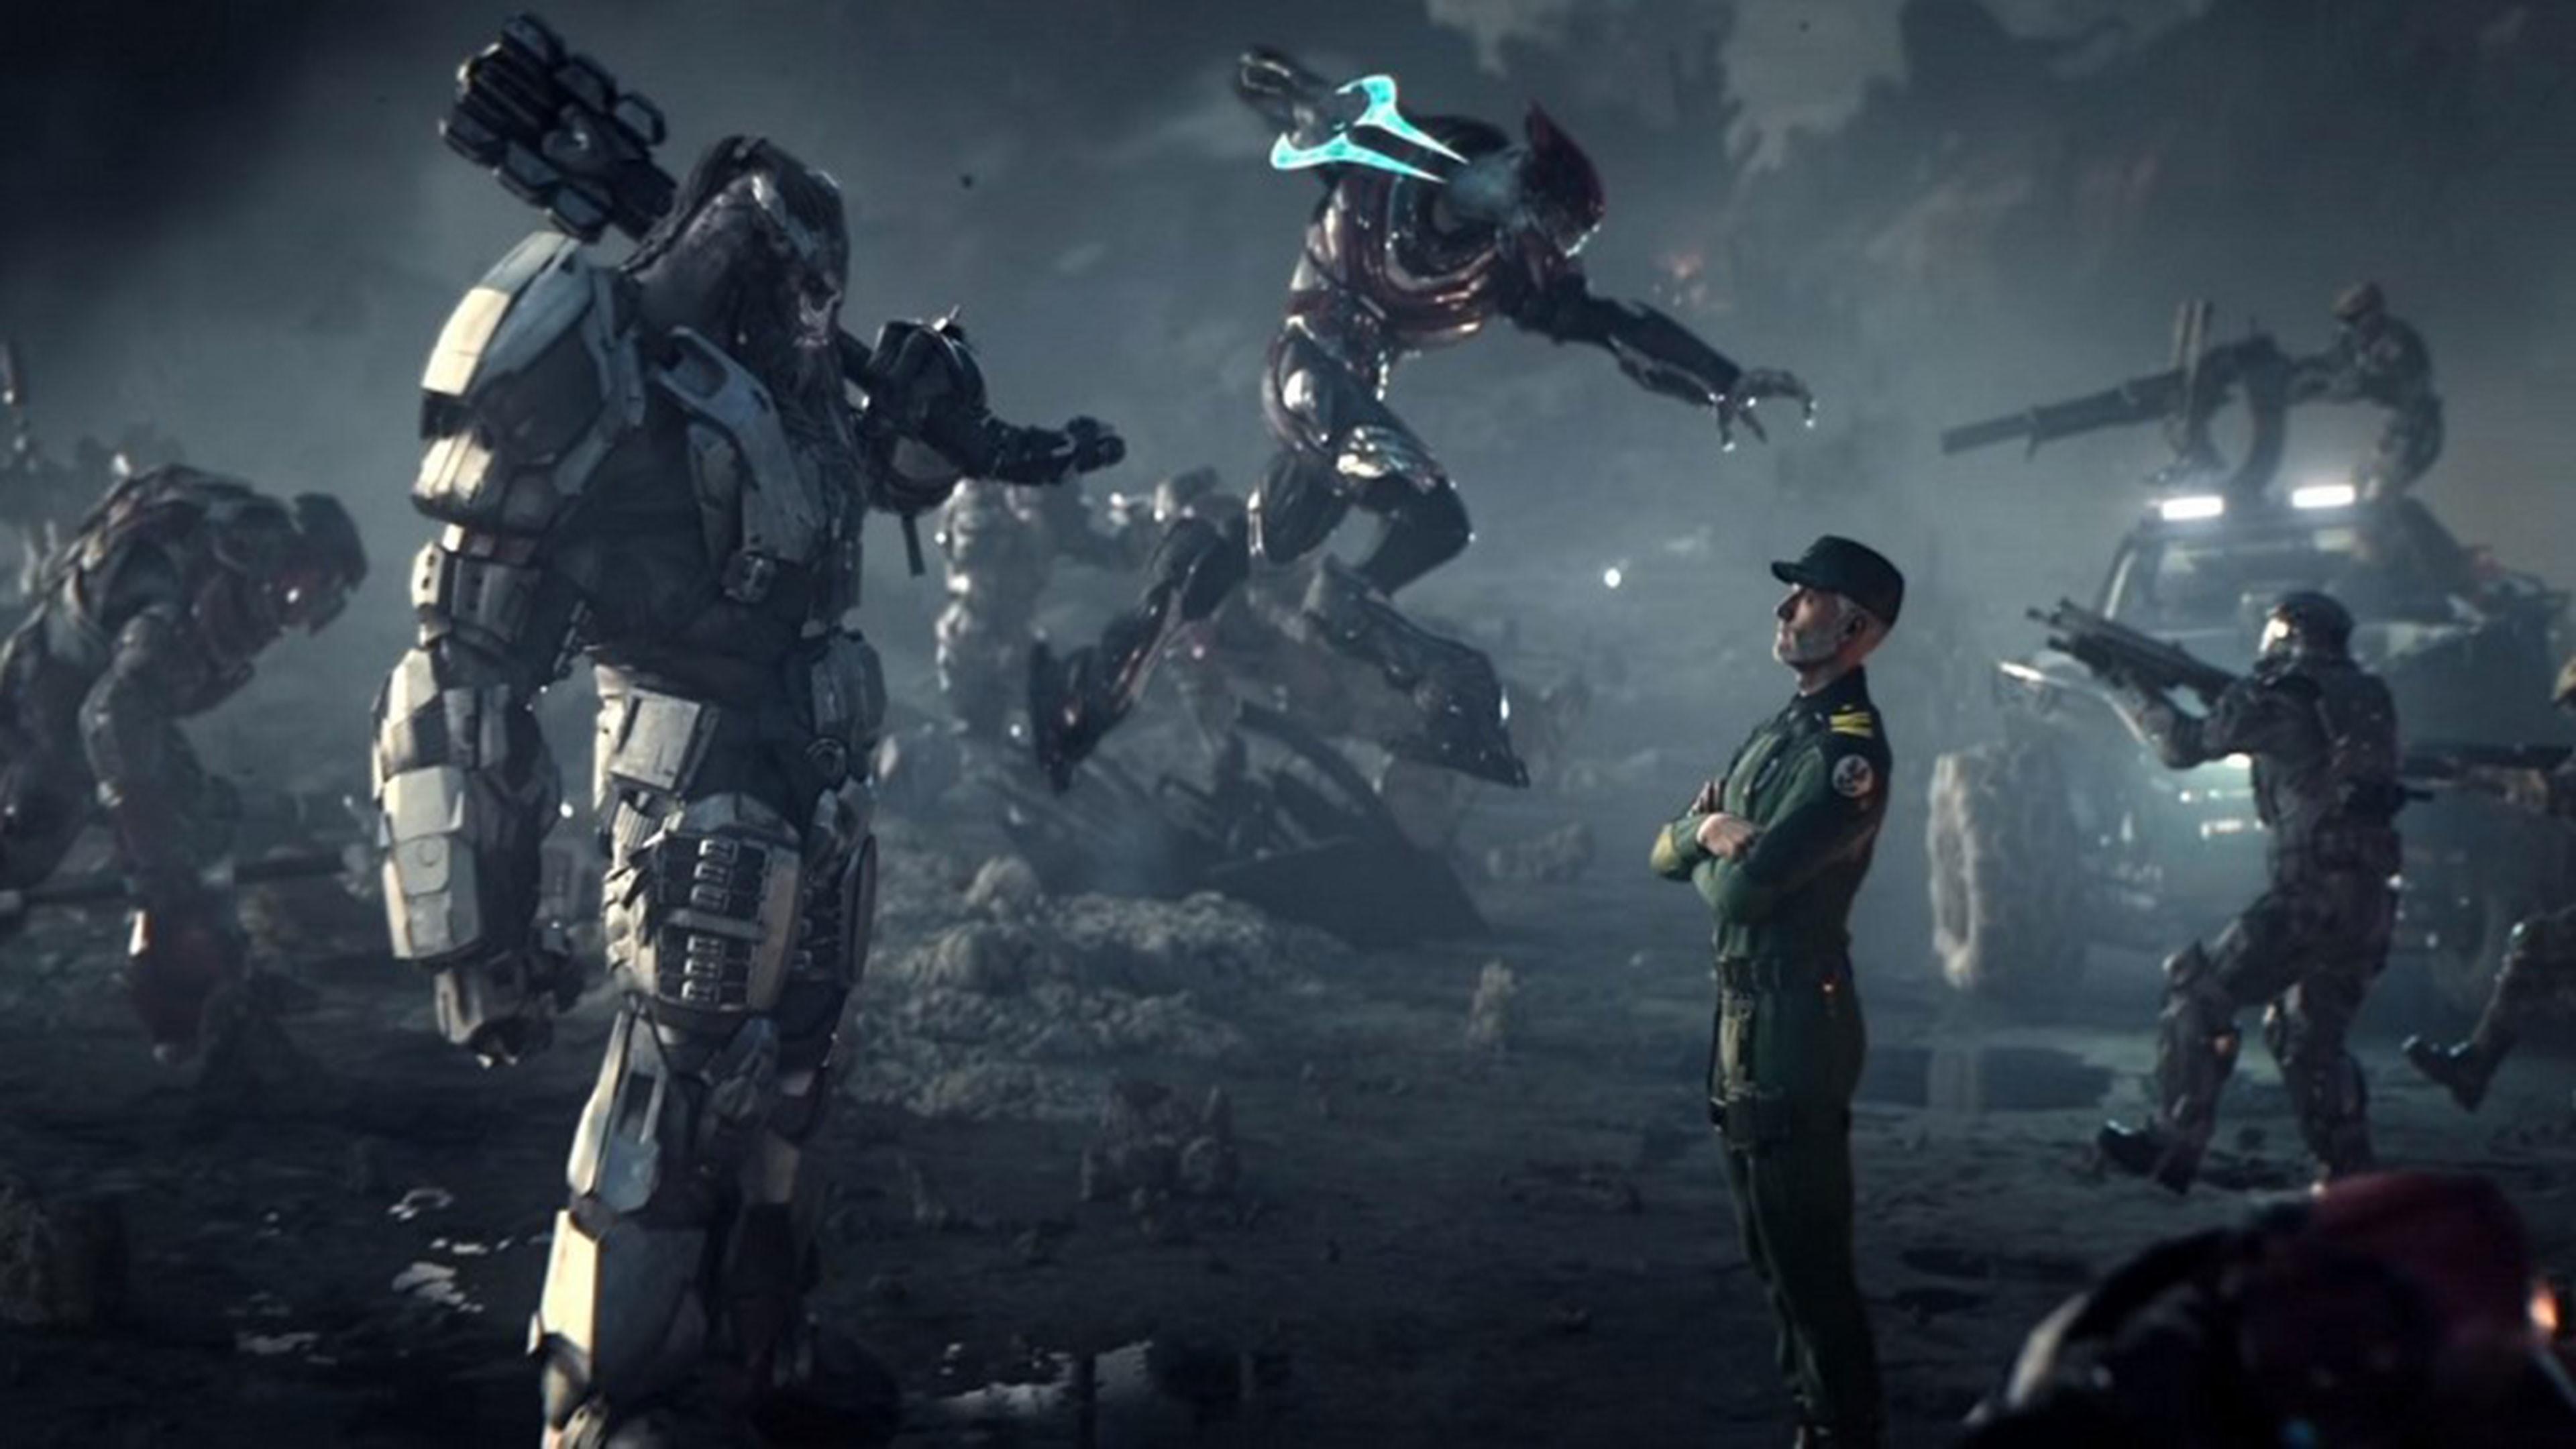 Halo Wars 2 4K Wallpaper …